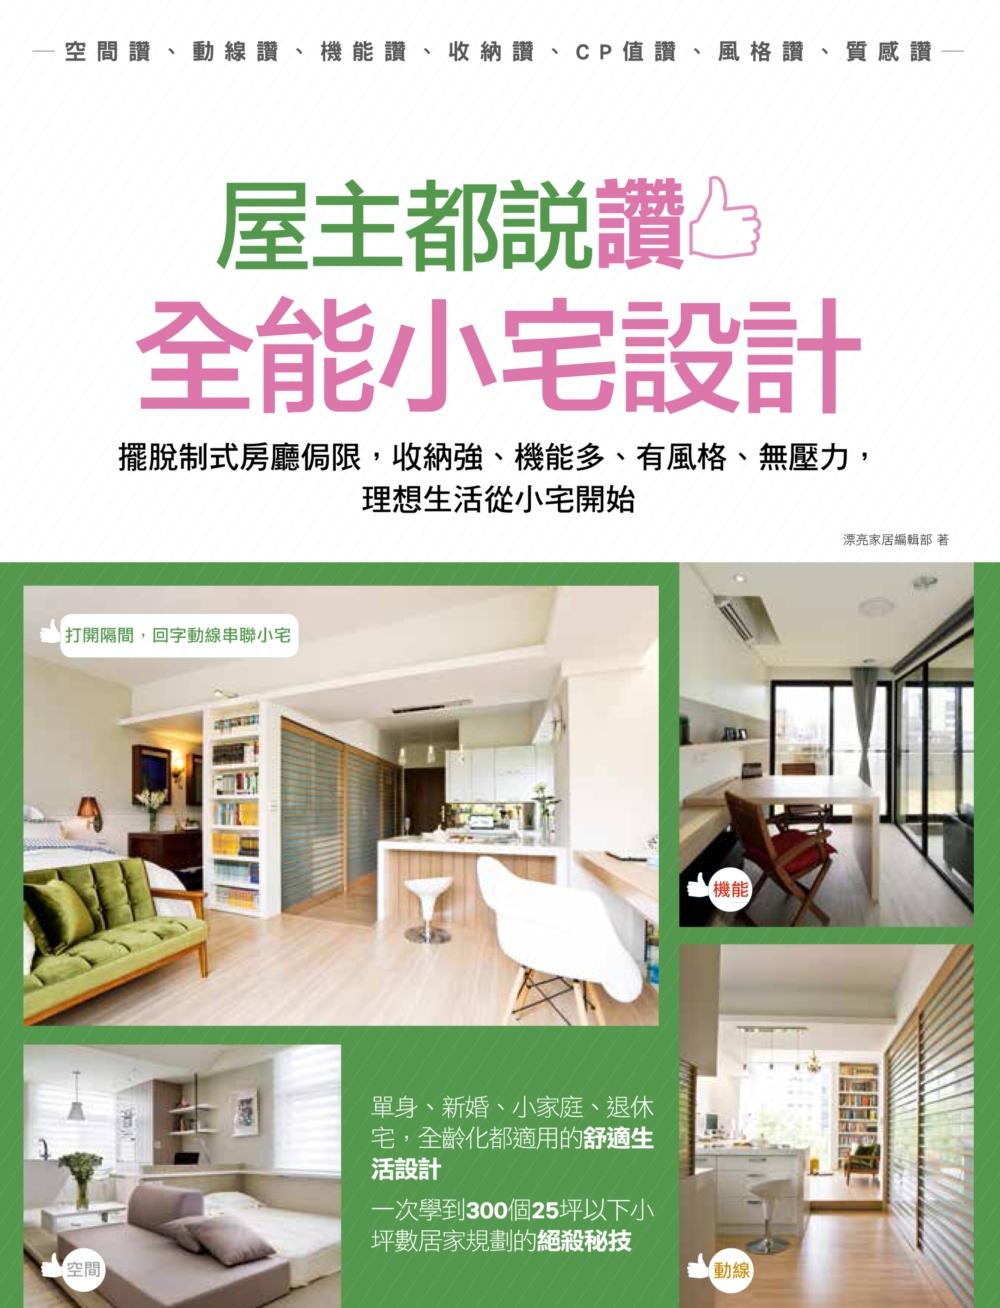 屋主都說讚!全能小宅設計:擺脫制式房廳侷限,收納強、機能多、有風格、無壓力,理想生活從小宅開始